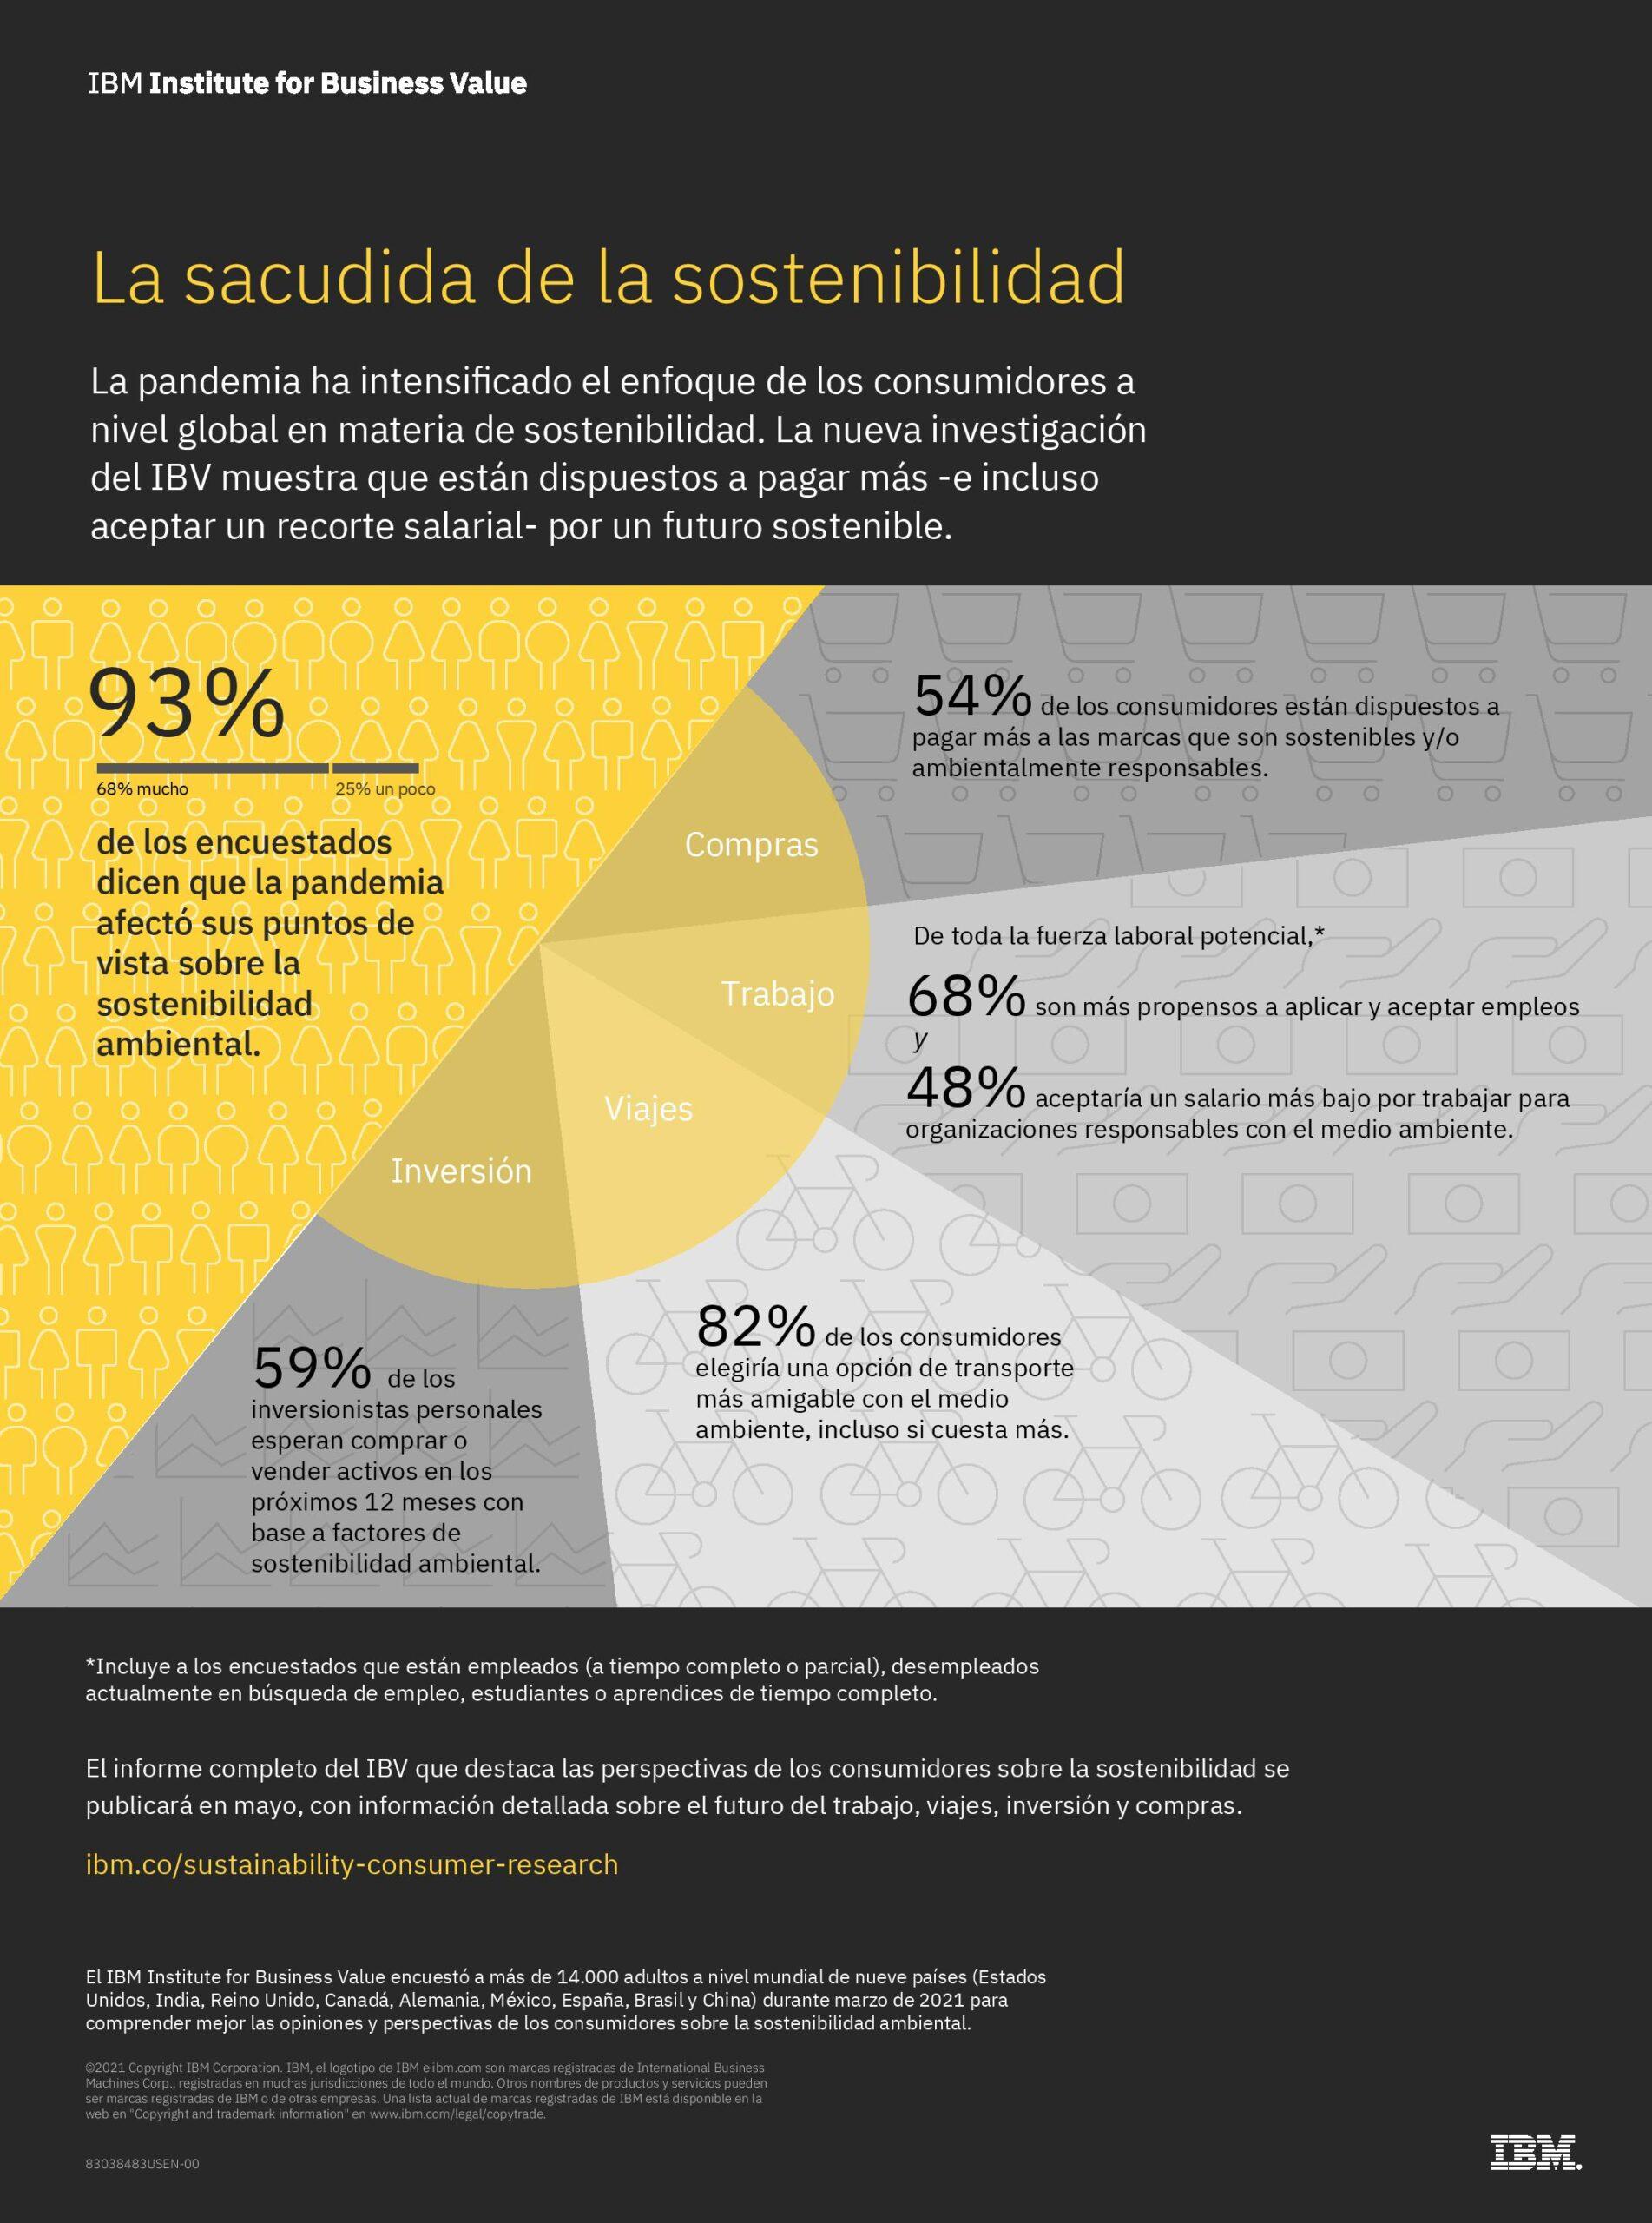 IBM: Pandemia impactó opinión de los consumidores sobre sostenibilidad